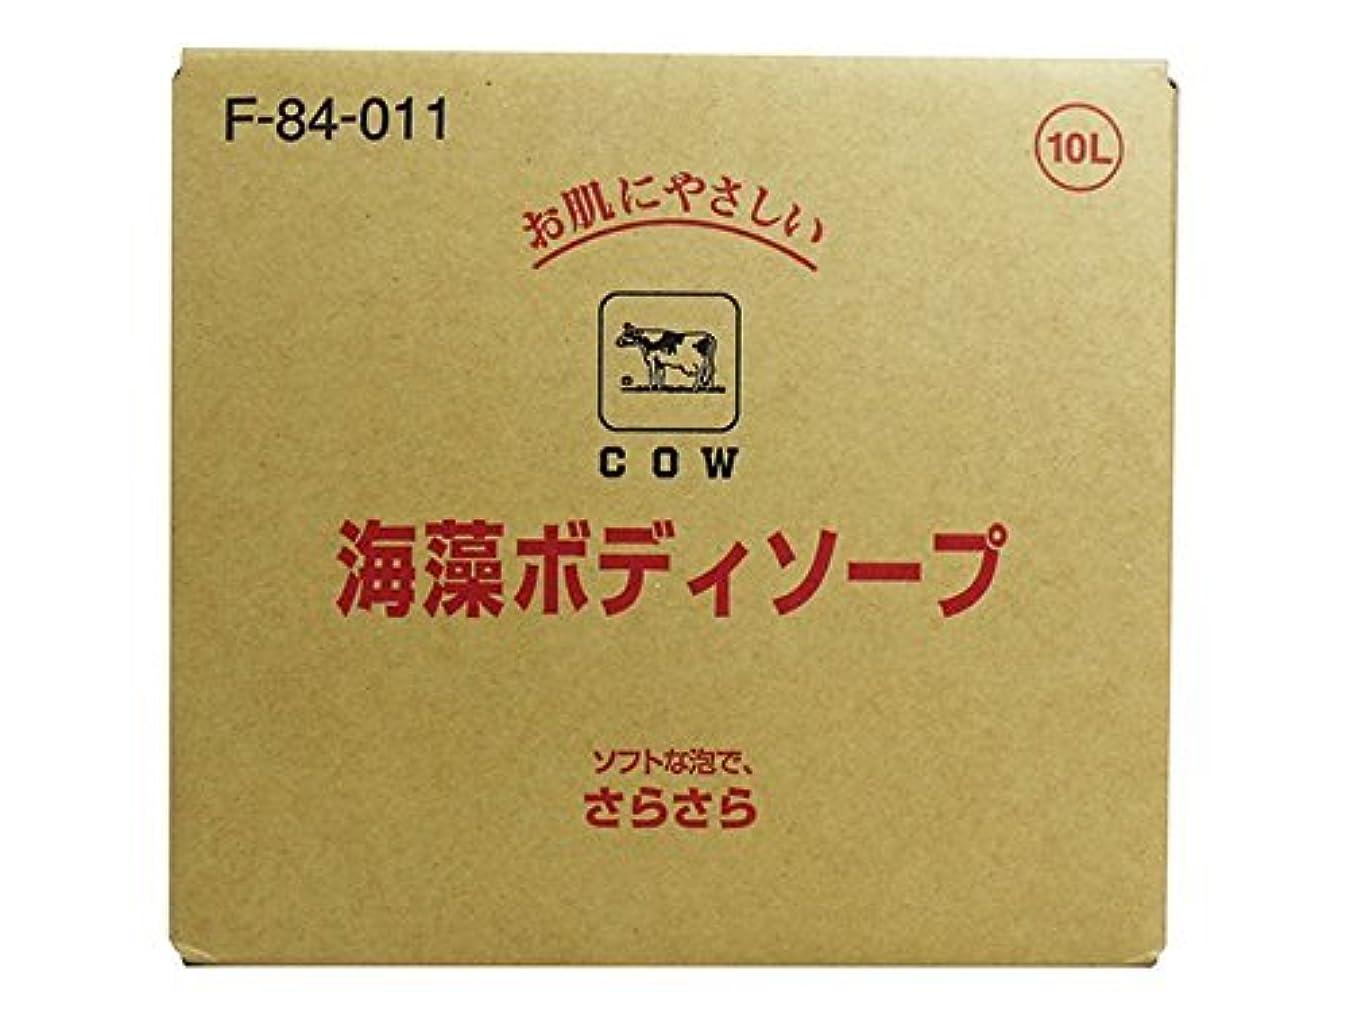 メンター重要なコメンテーター業務用ボディーソープ【牛乳ブランド 海藻ボディソープ 10L】